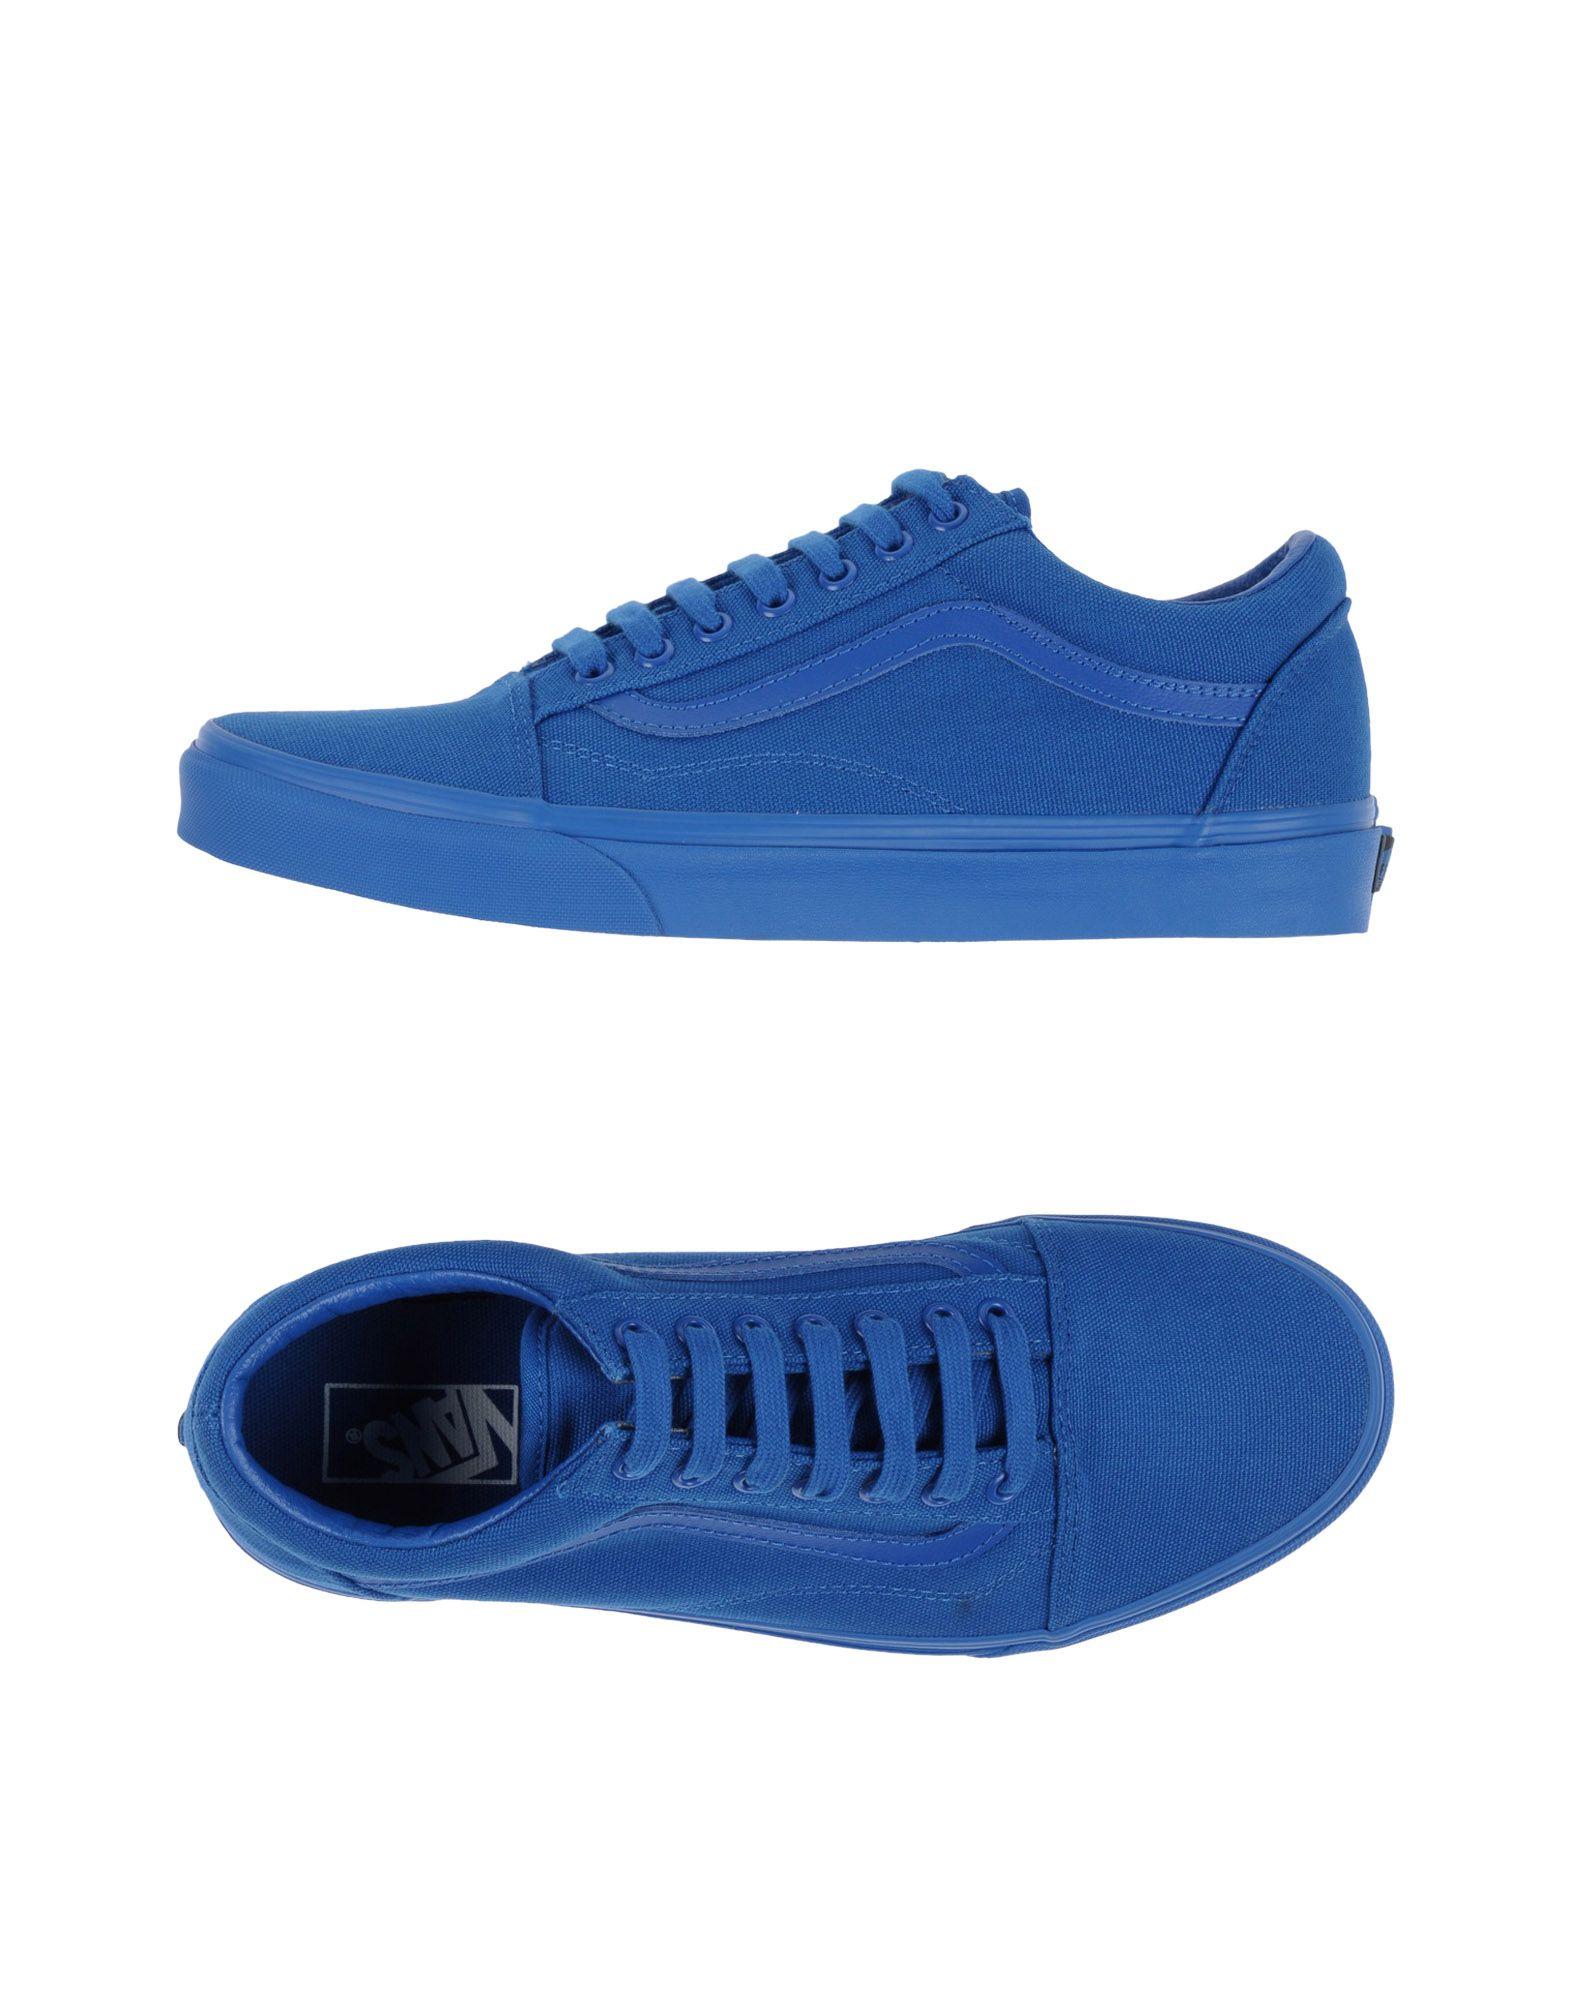 Rabatt echte Schuhe Herren Vans Sneakers Herren Schuhe  11146407DU 0d07e5